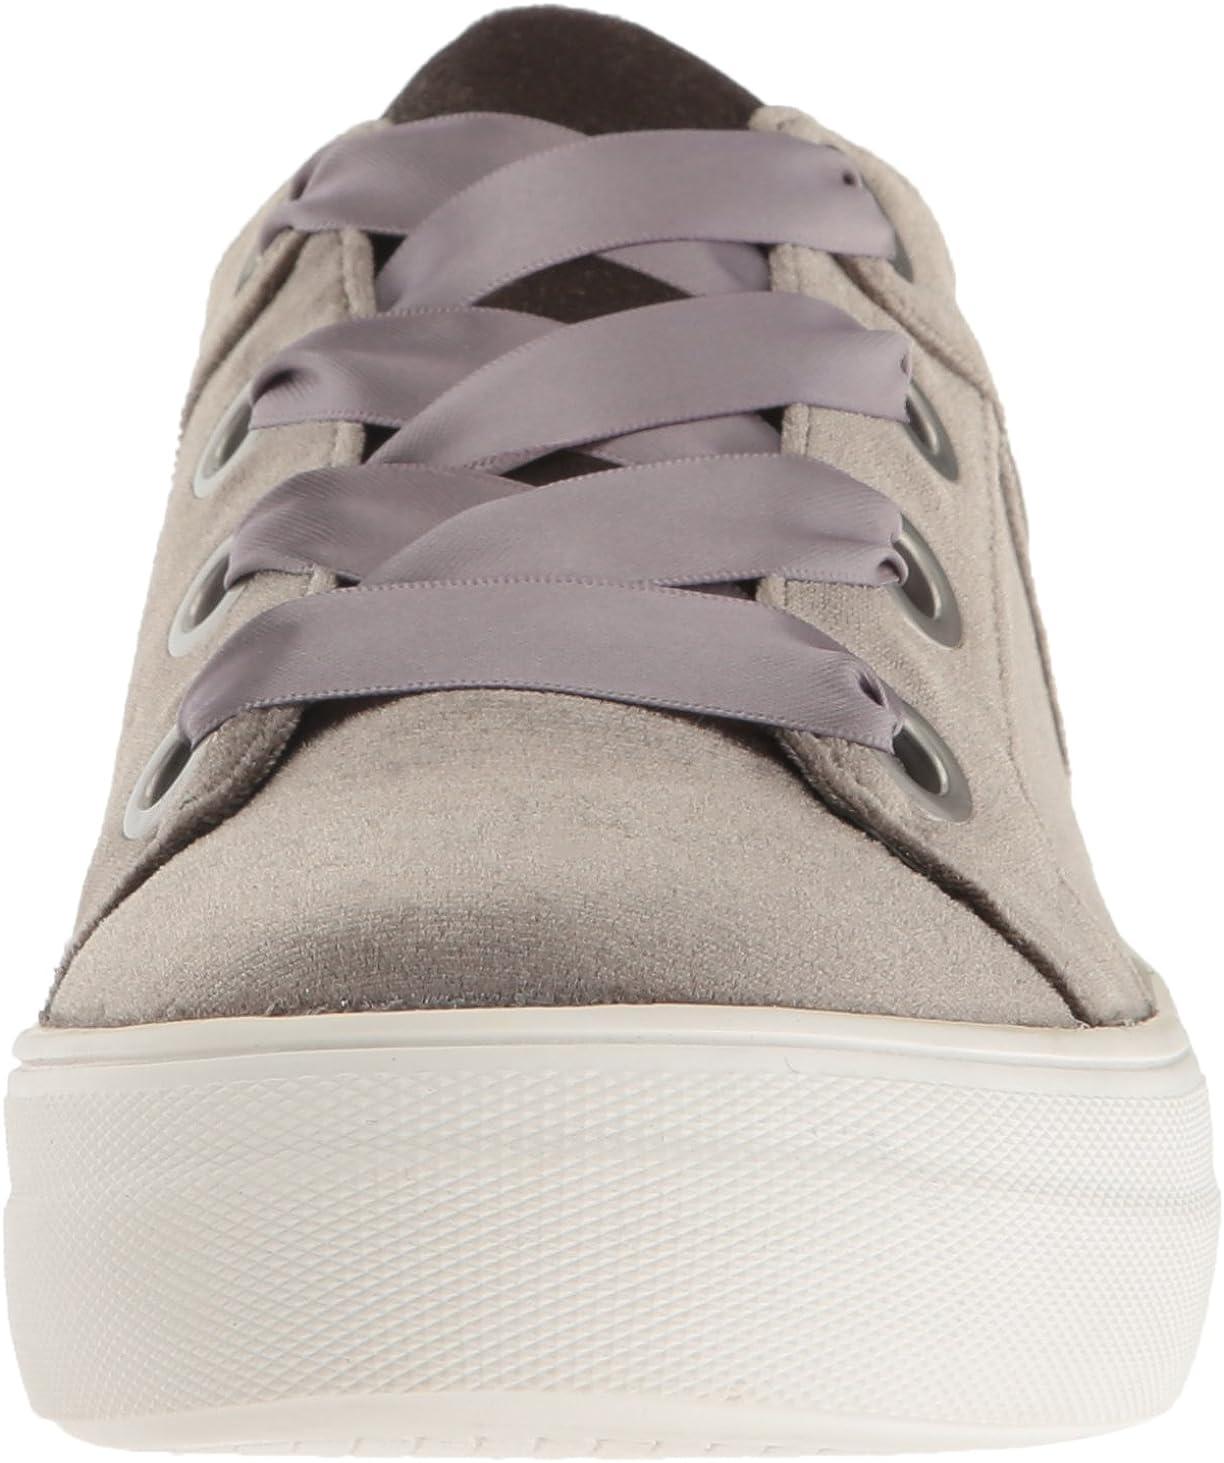 STEVEN by Steve Madden Women's Gator Fashion Sneaker Taupe Velvet